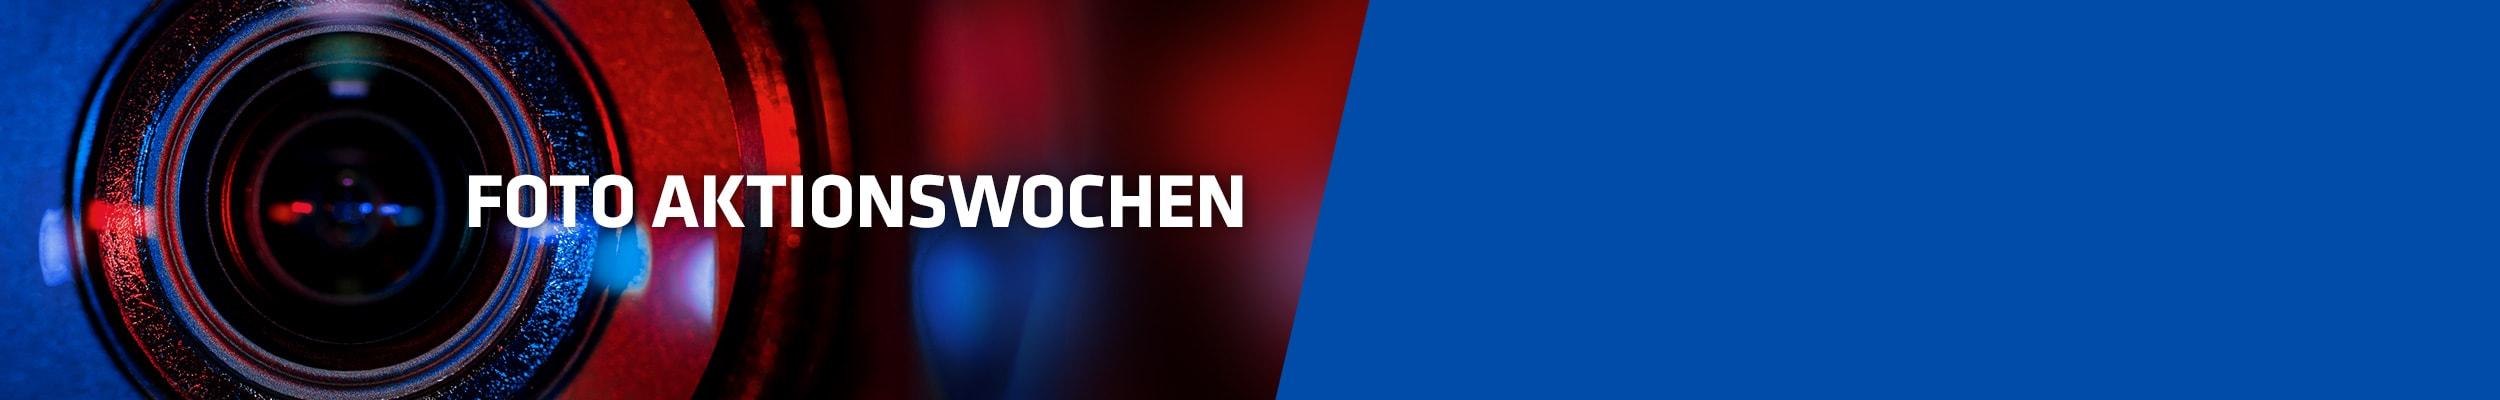 """""""Nahaufnahme von Kameraobjektiv in rot-blauem Licht mit Text """"Fotoaktionswochen"""""""""""